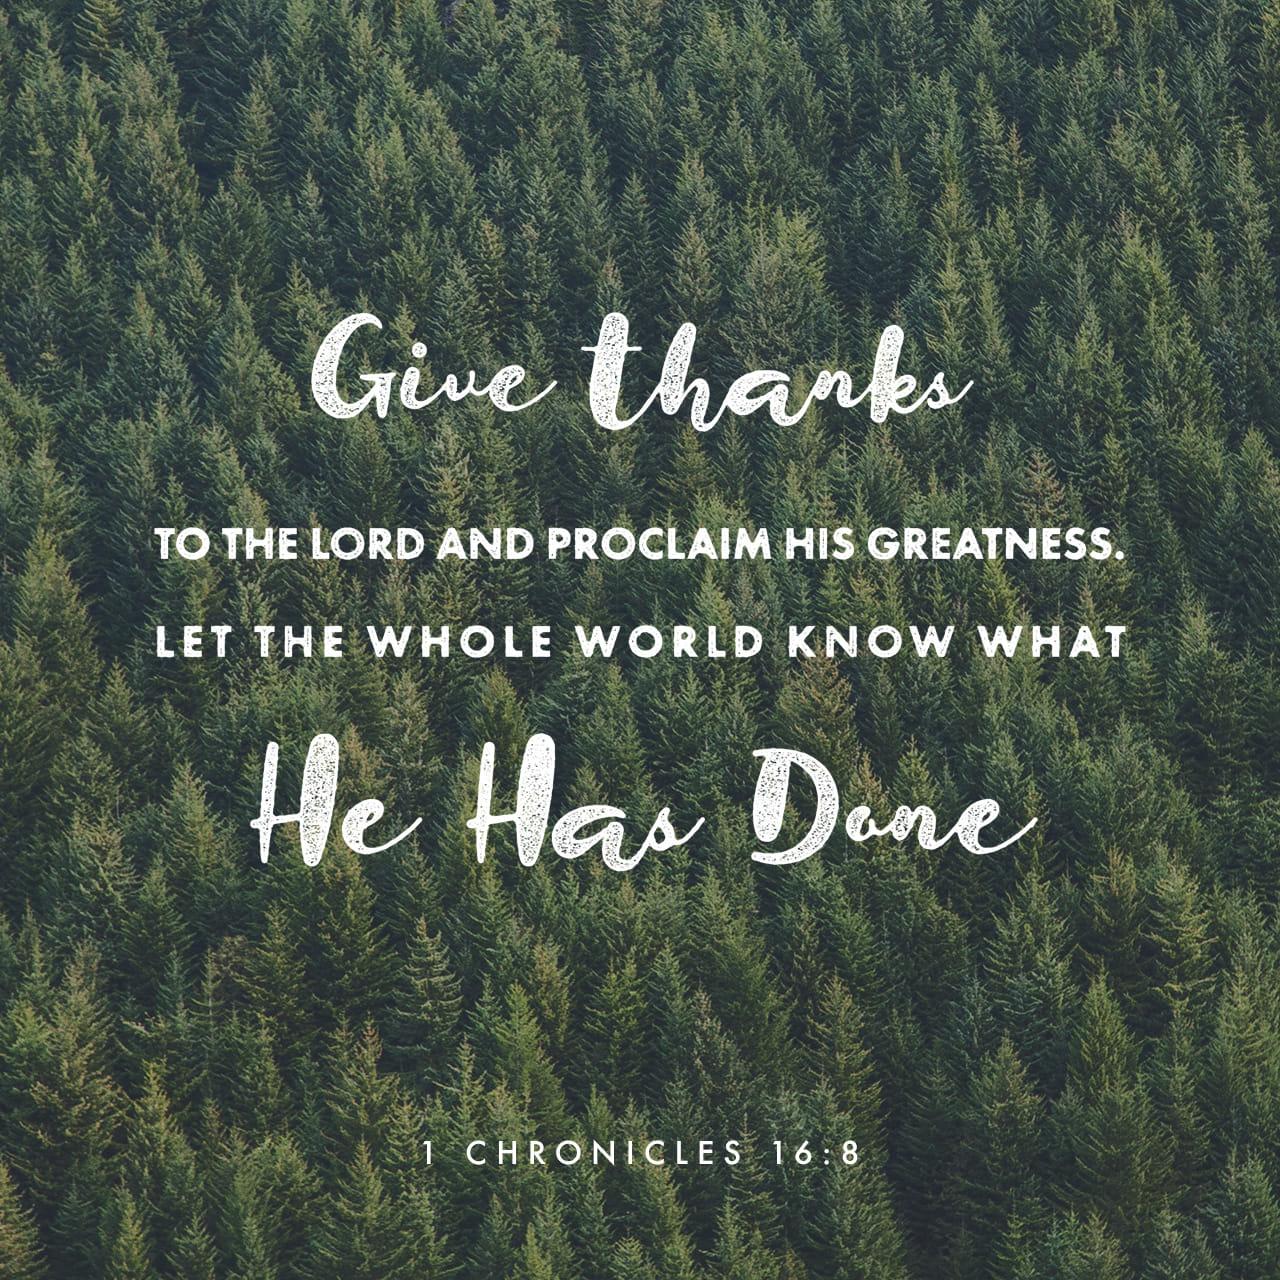 1Crônicas 16:8 Agradeçam a Deus, o SENHOR, anunciem a sua grandeza e contem às nações as coisas que ele fez. | Nova Tradução na Linguagem de Hoje (NTLH)